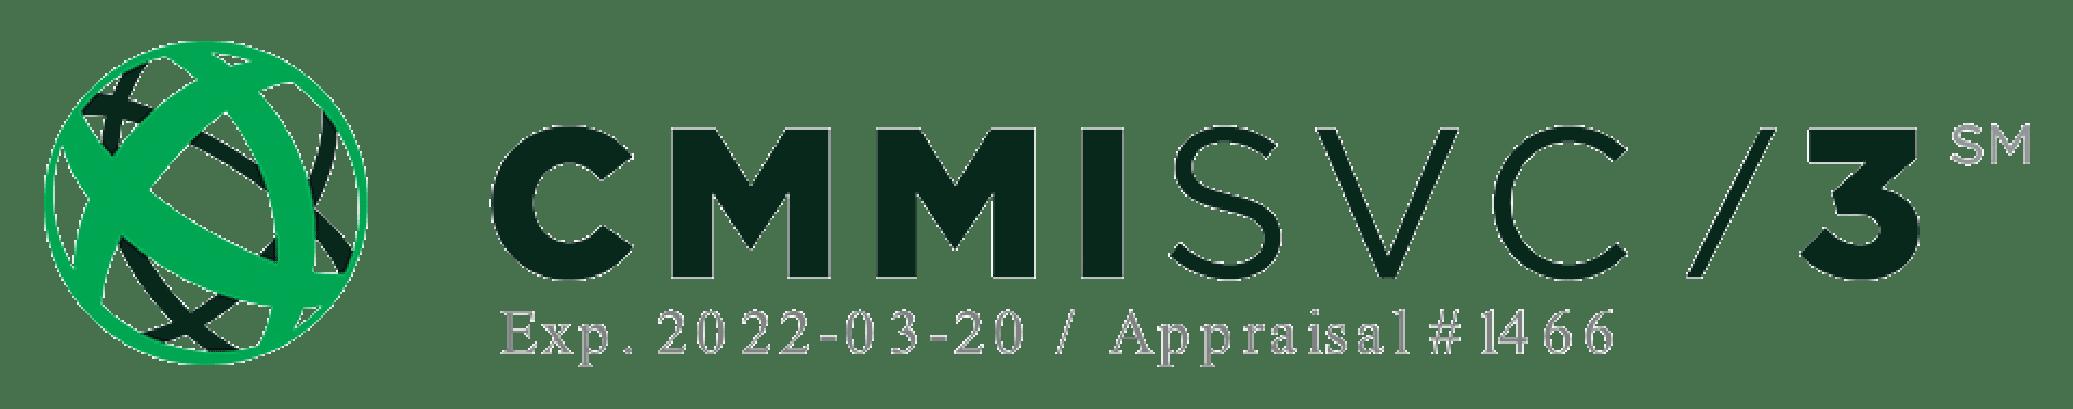 CMMI SVC Level 3